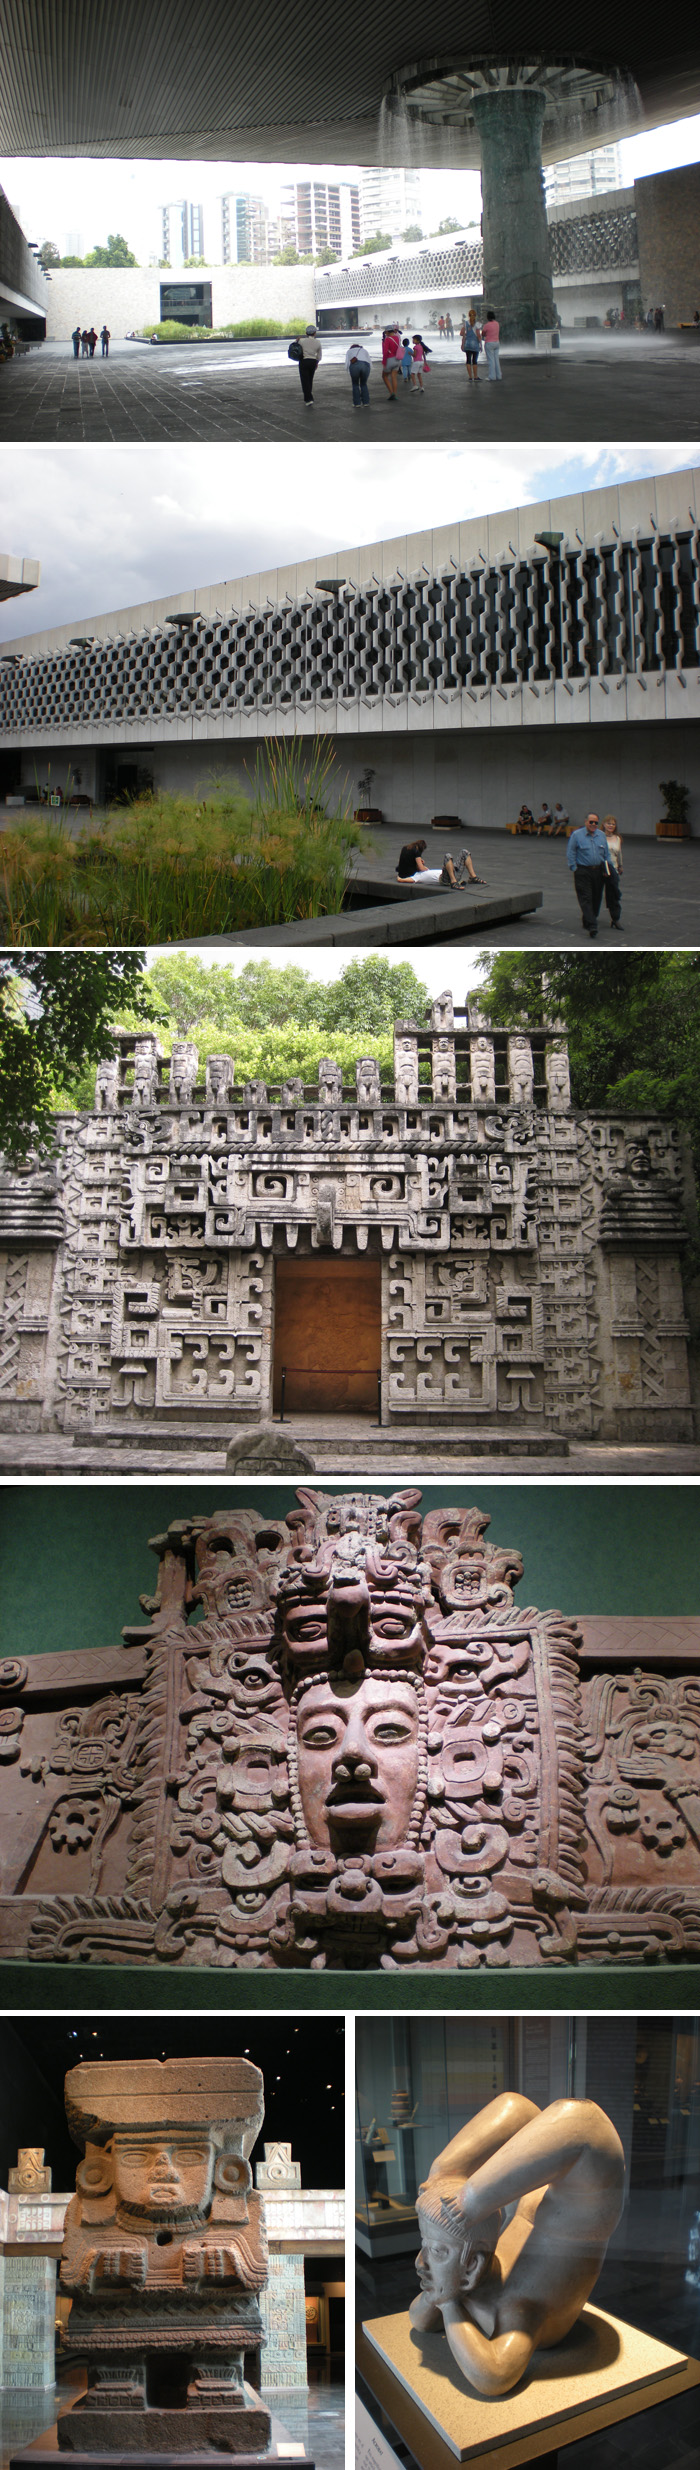 전시물이나 전시 체계나 방법 모두 훌륭한 멕시코시티의 국립 인류 박물관